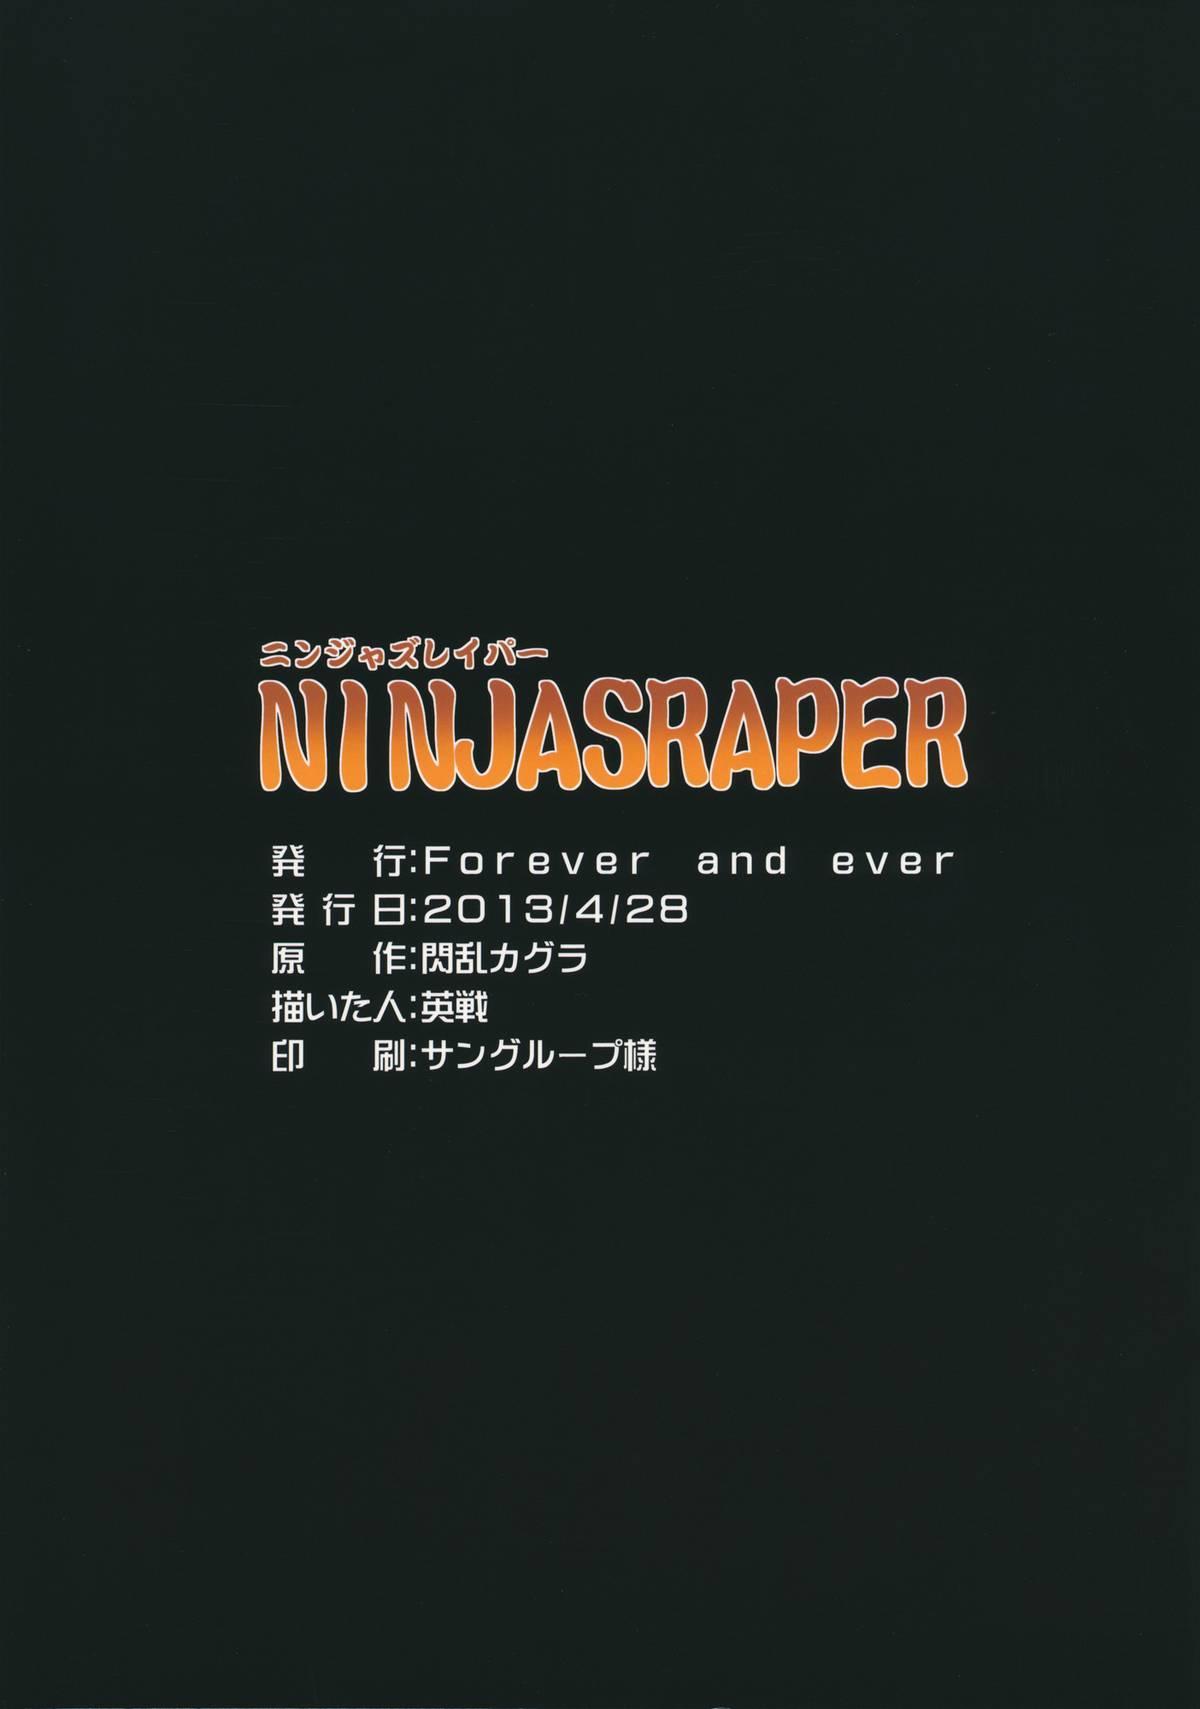 NINJASRAPER 25